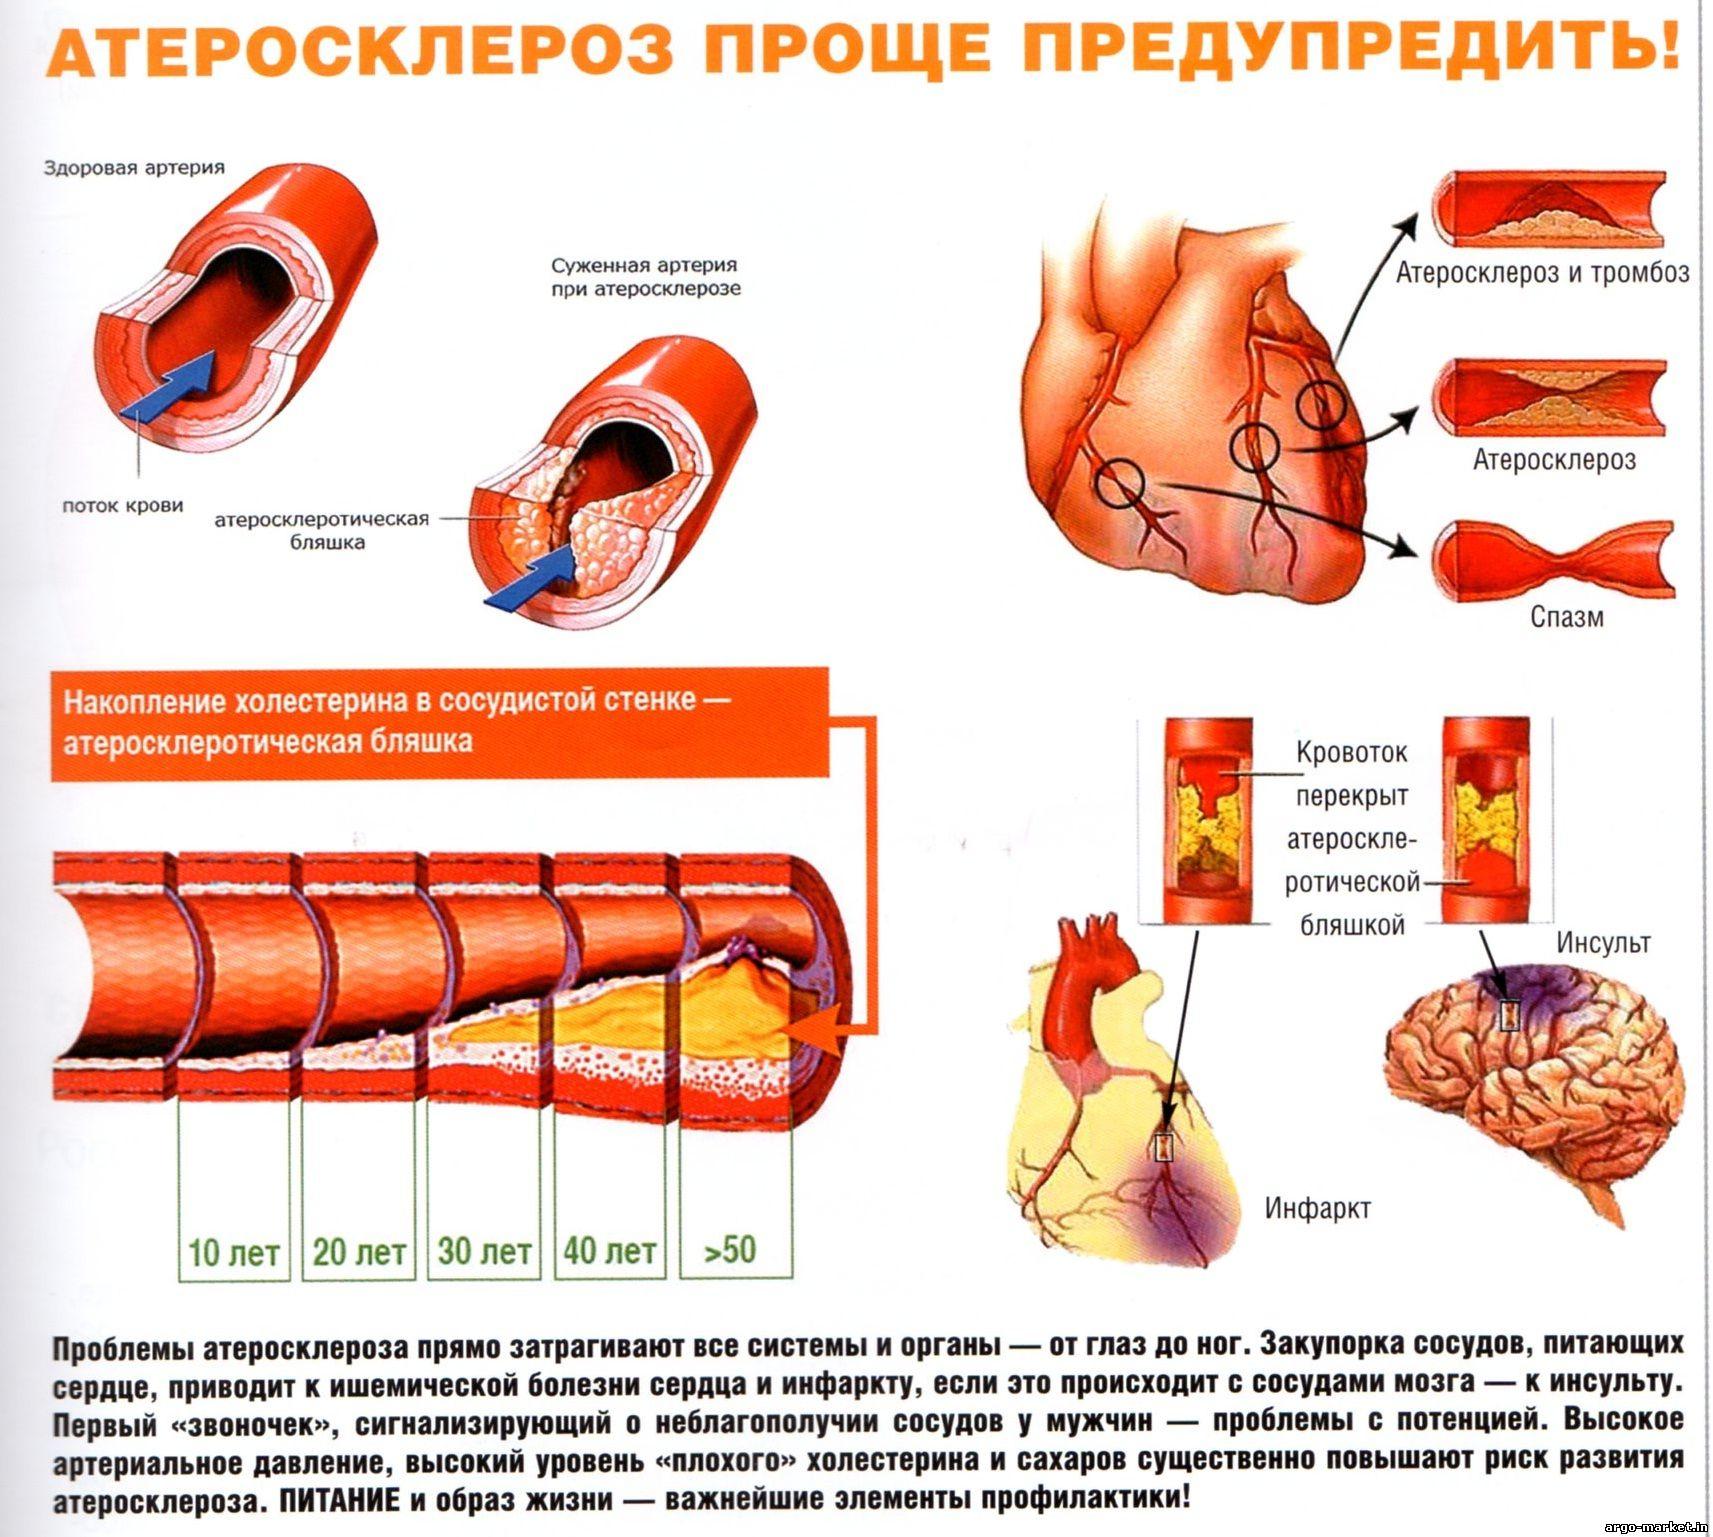 Атеросклероз, гипертония - гордиться нечем! - Наш Днепропетровск